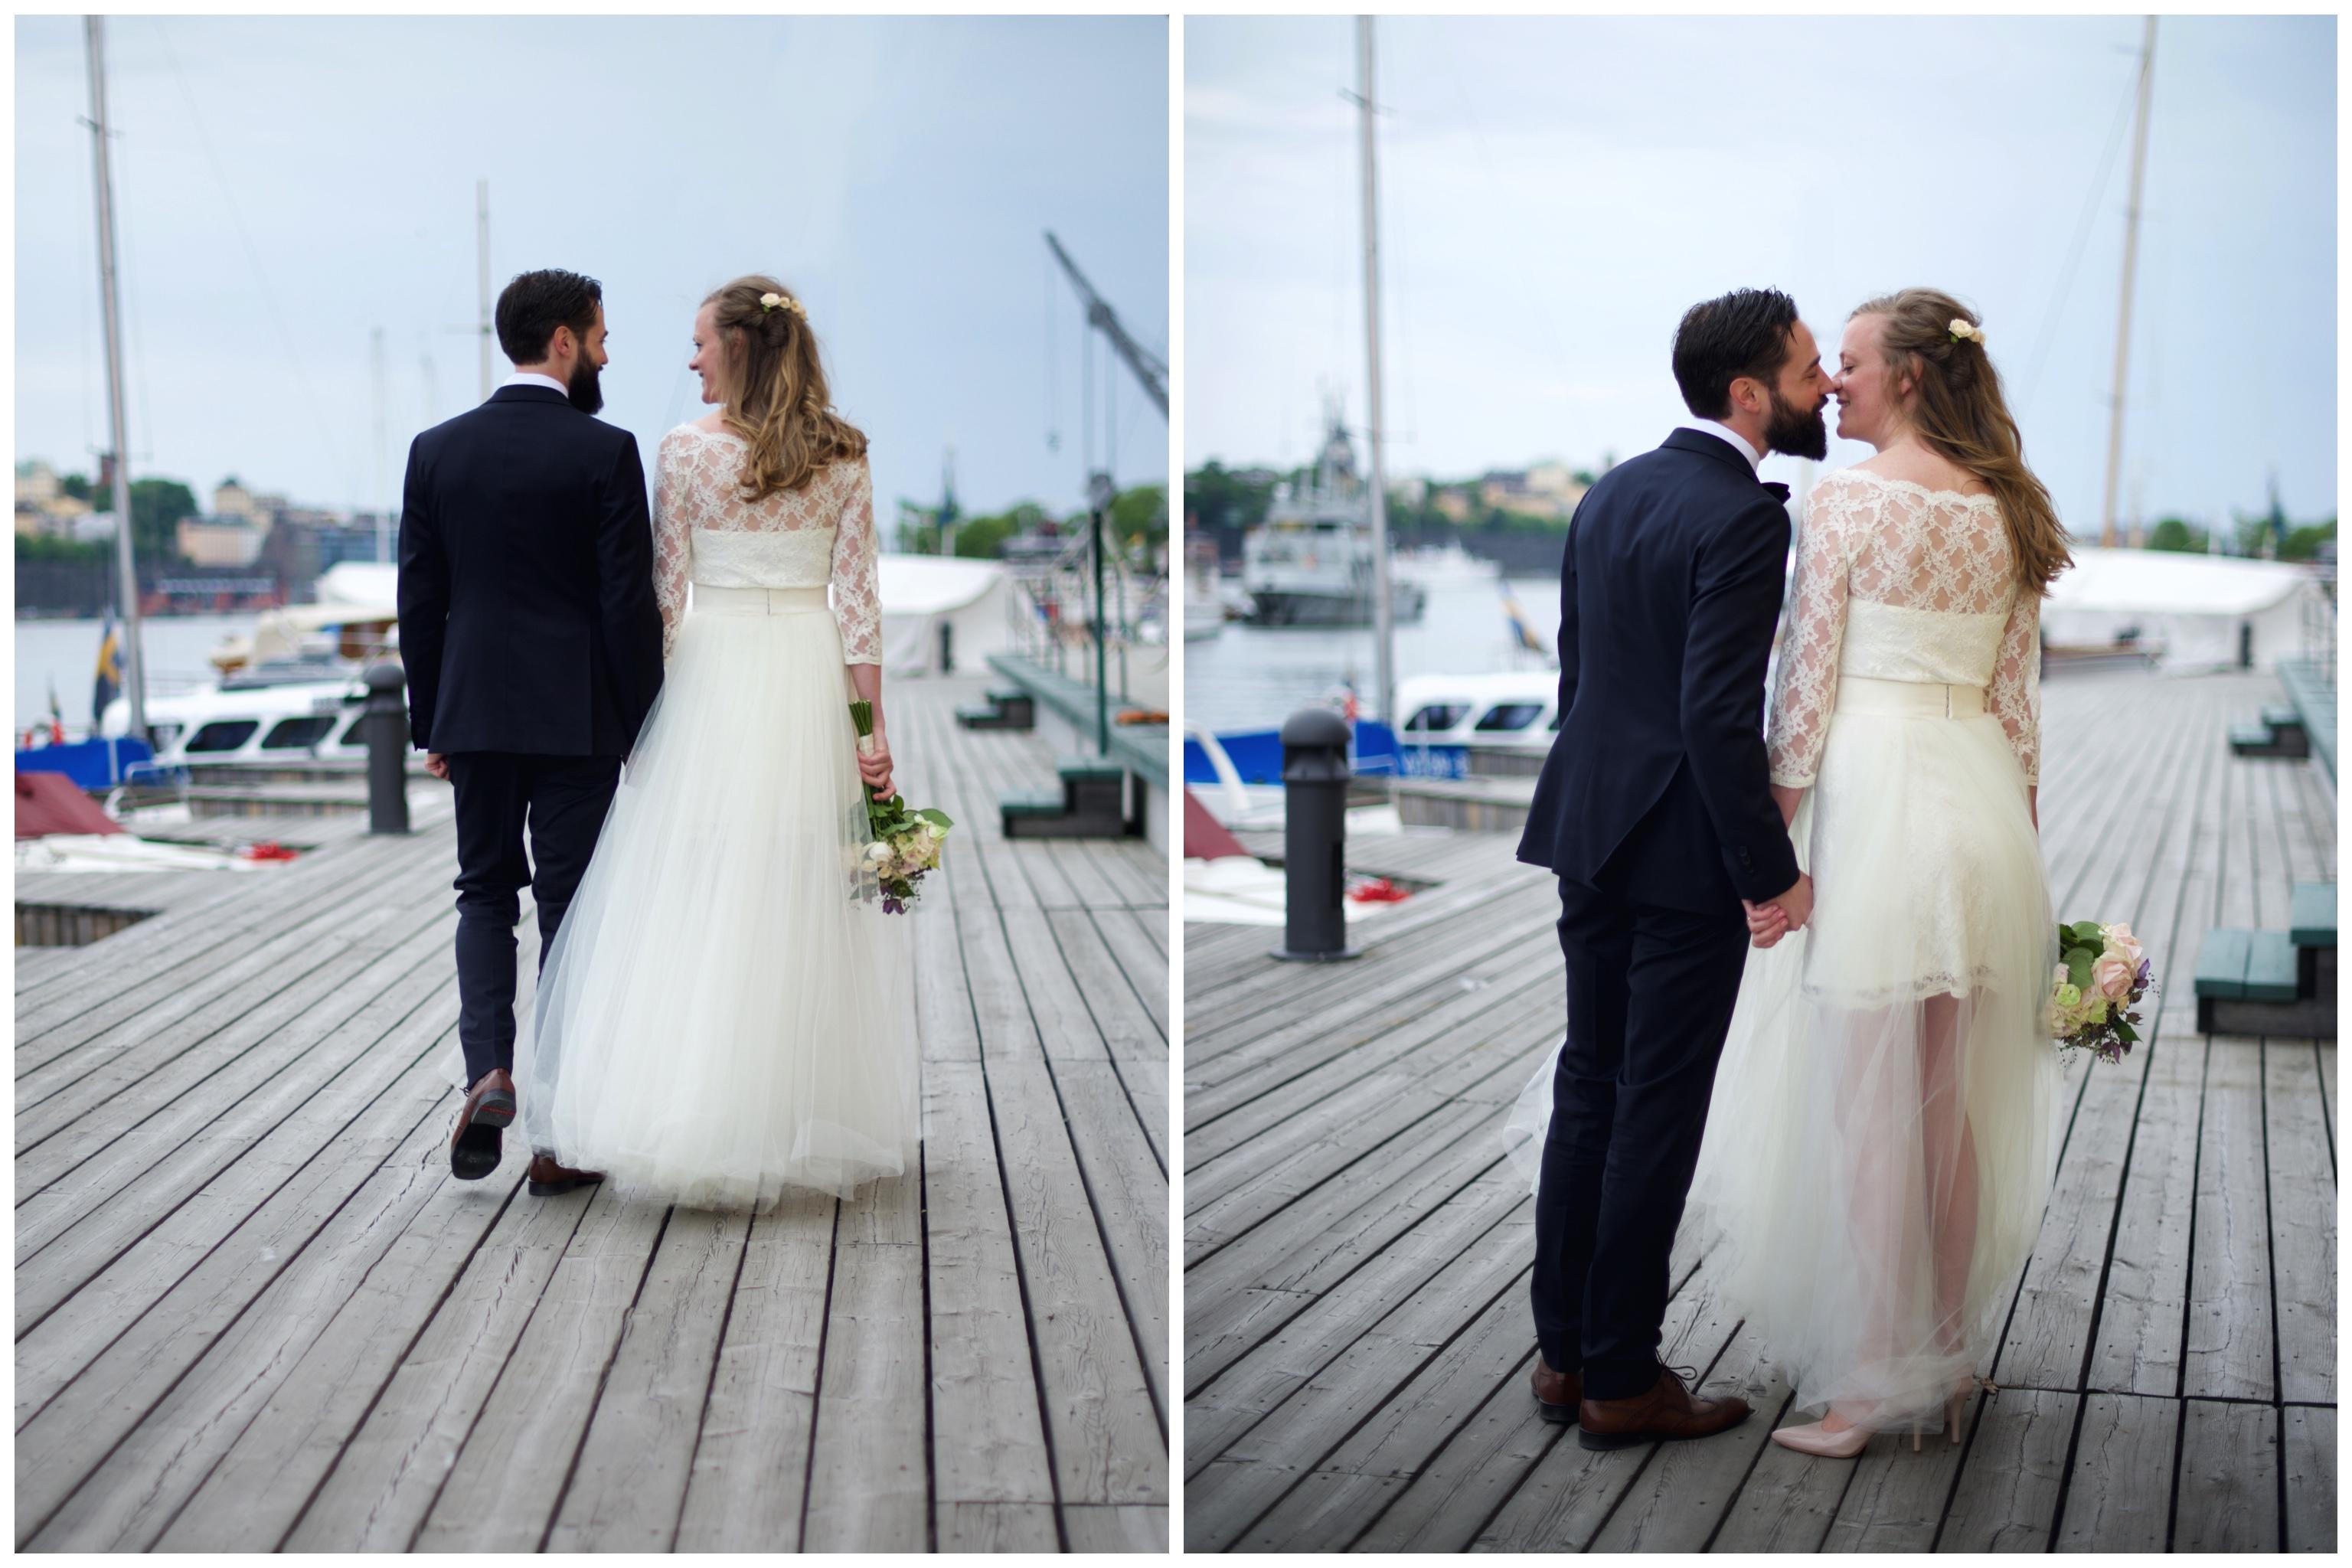 Oaxen bröllop på Djurgården med fotograf Erika Aminoff